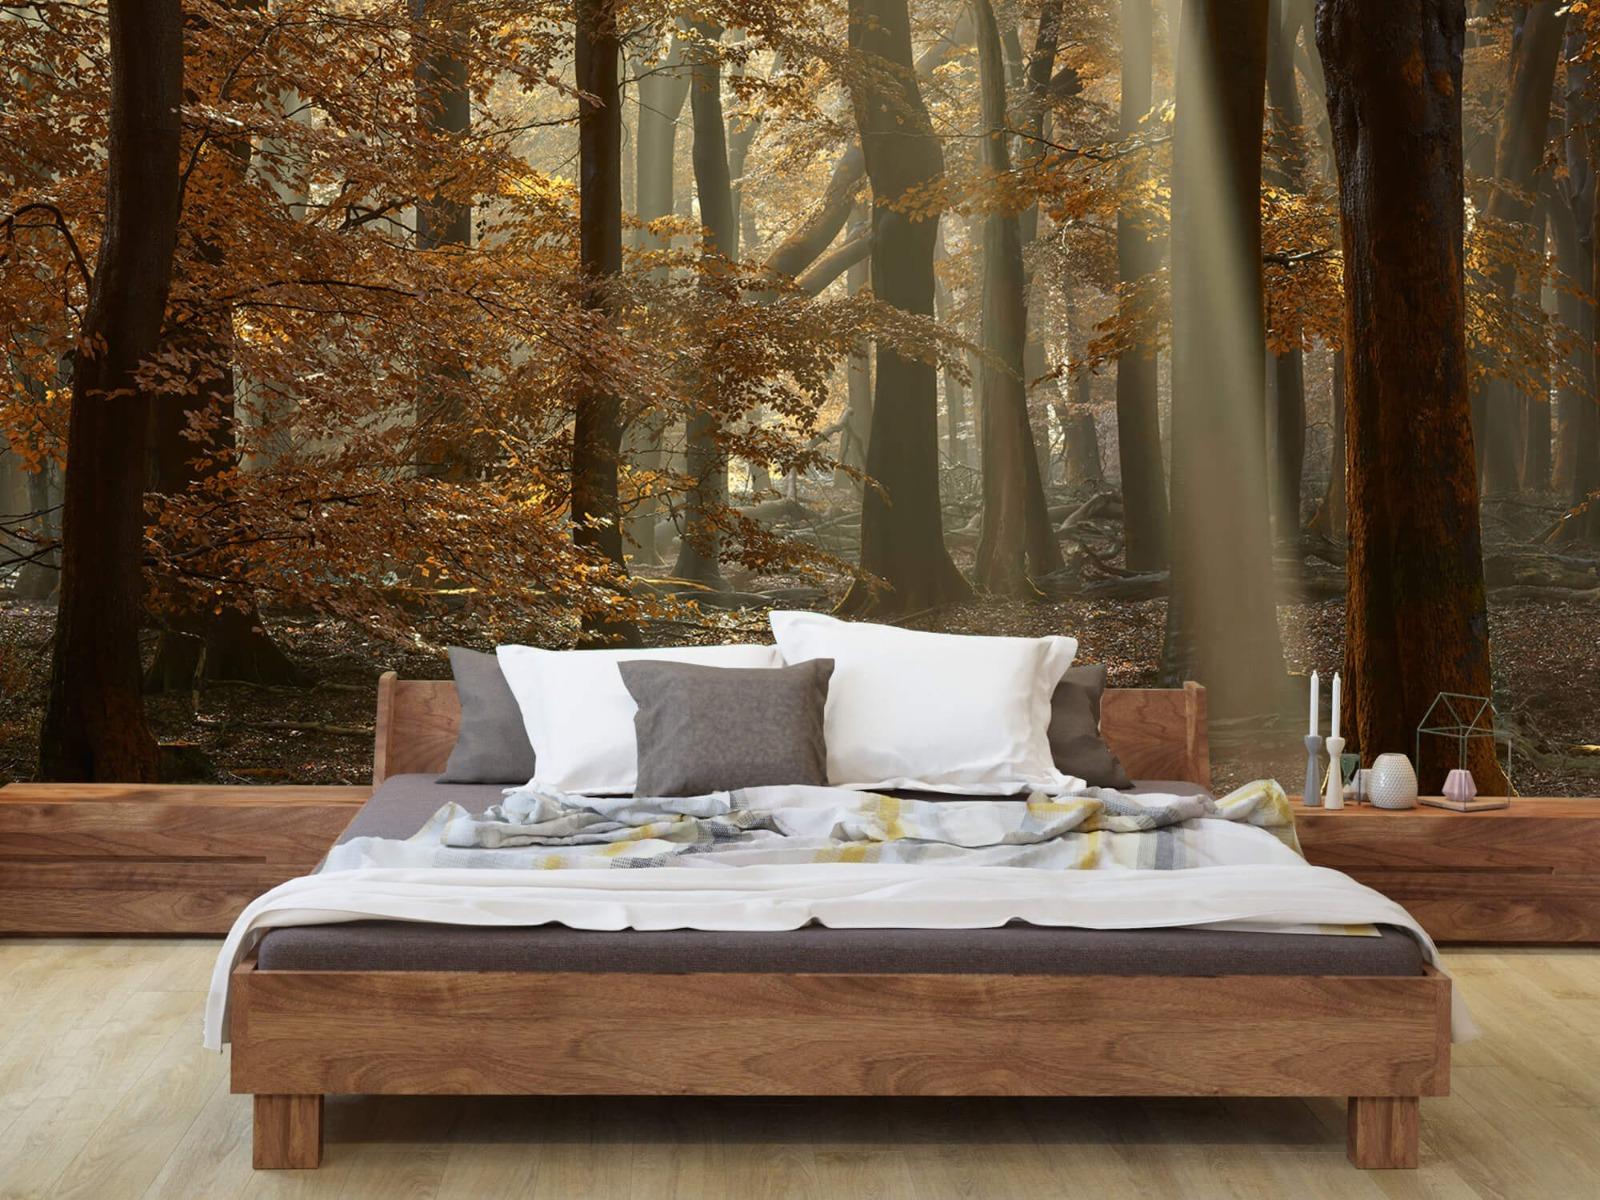 Bos behang - Herfstkleuren in het bos - Slaapkamer 10